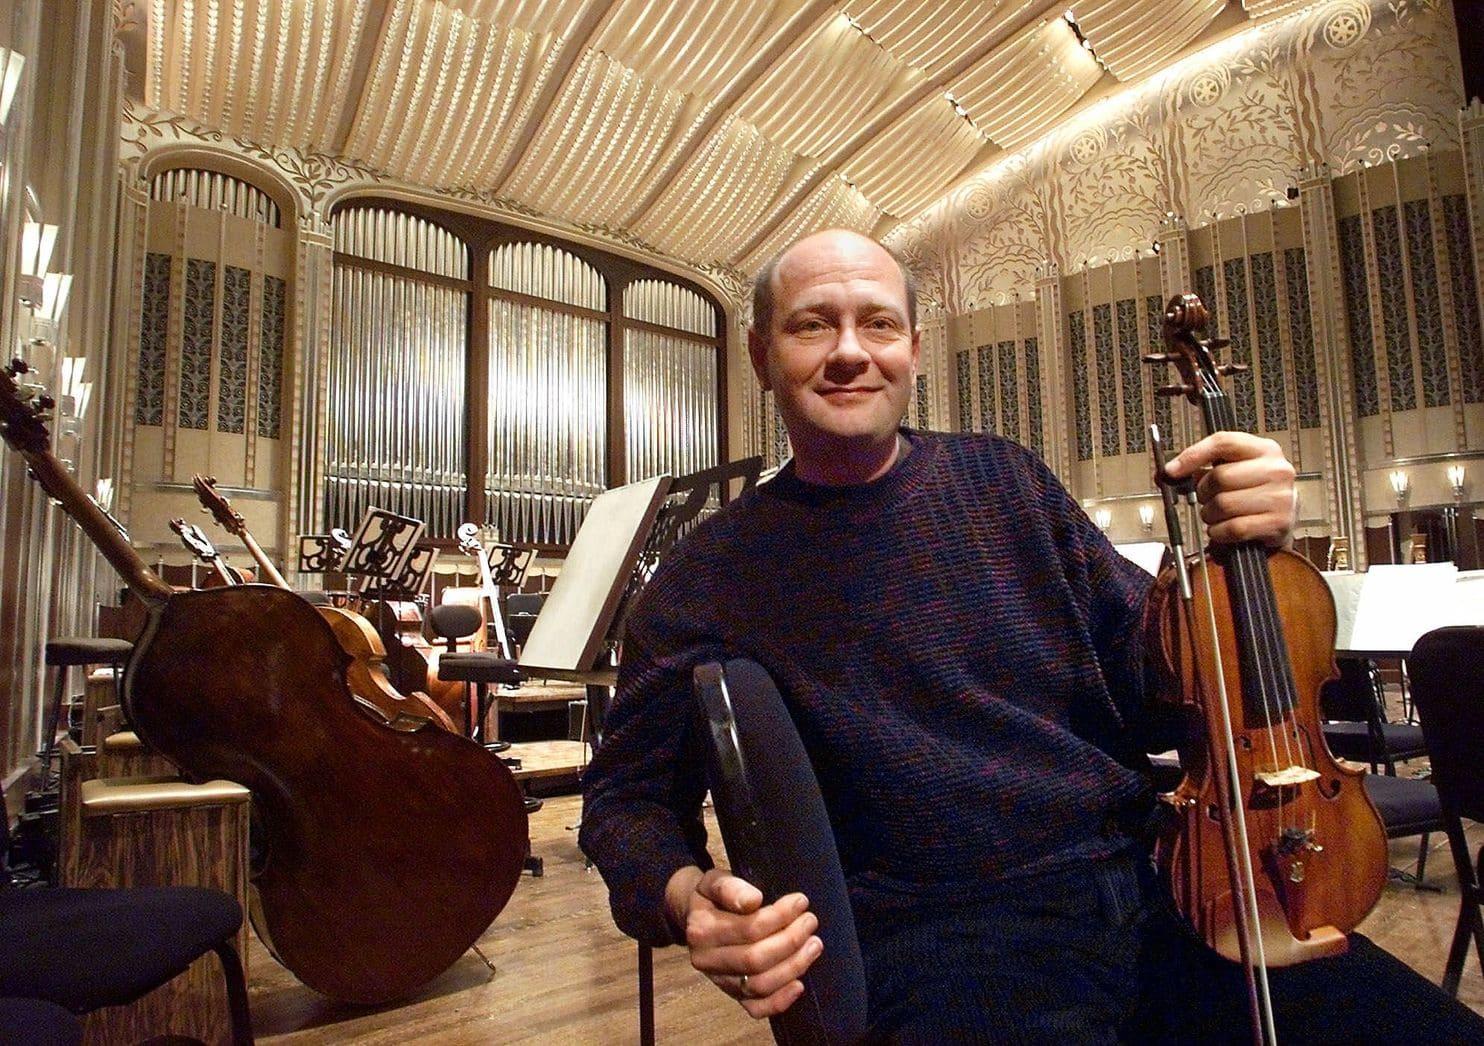 El violinista William Preucil, de la Orquestra de Cleveland, ha sido suspendido tras varias alegaciones de acoso sexual (AP)